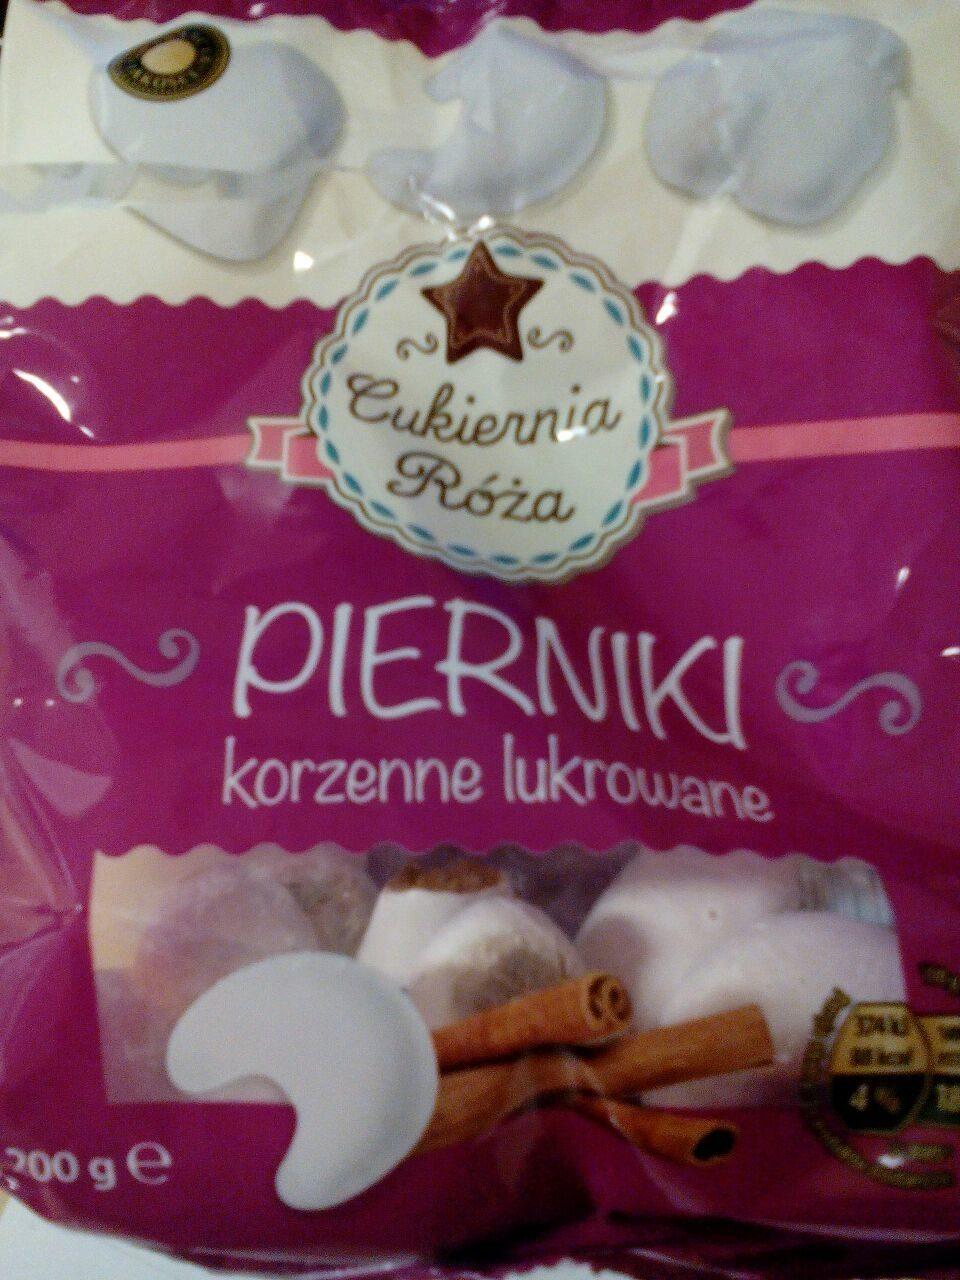 Pierniki - Product